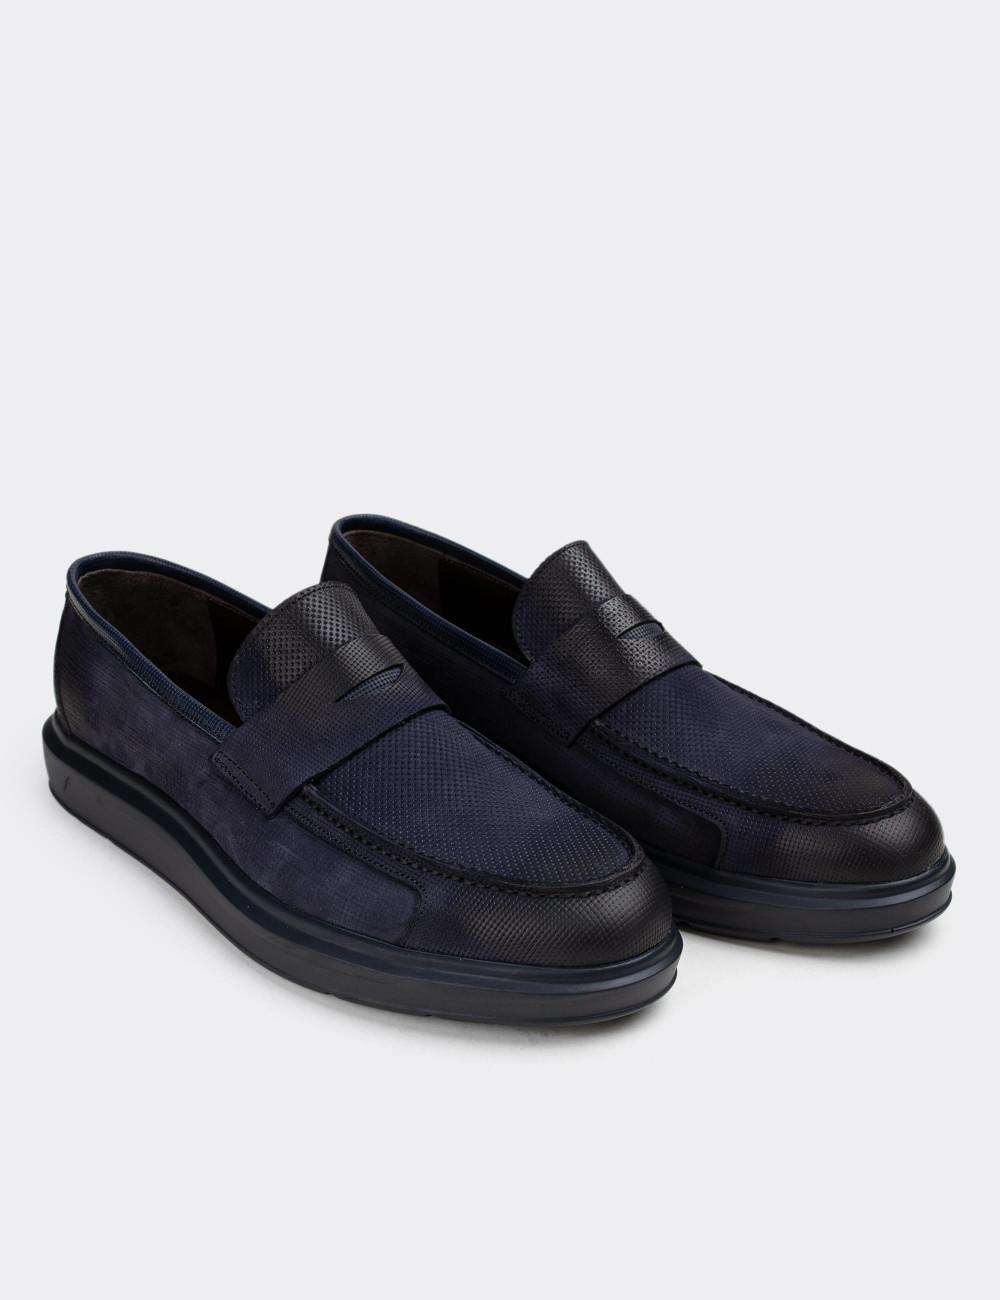 Hakiki Nubuk Lacivert Erkek Loafer - 01564MLCVP14